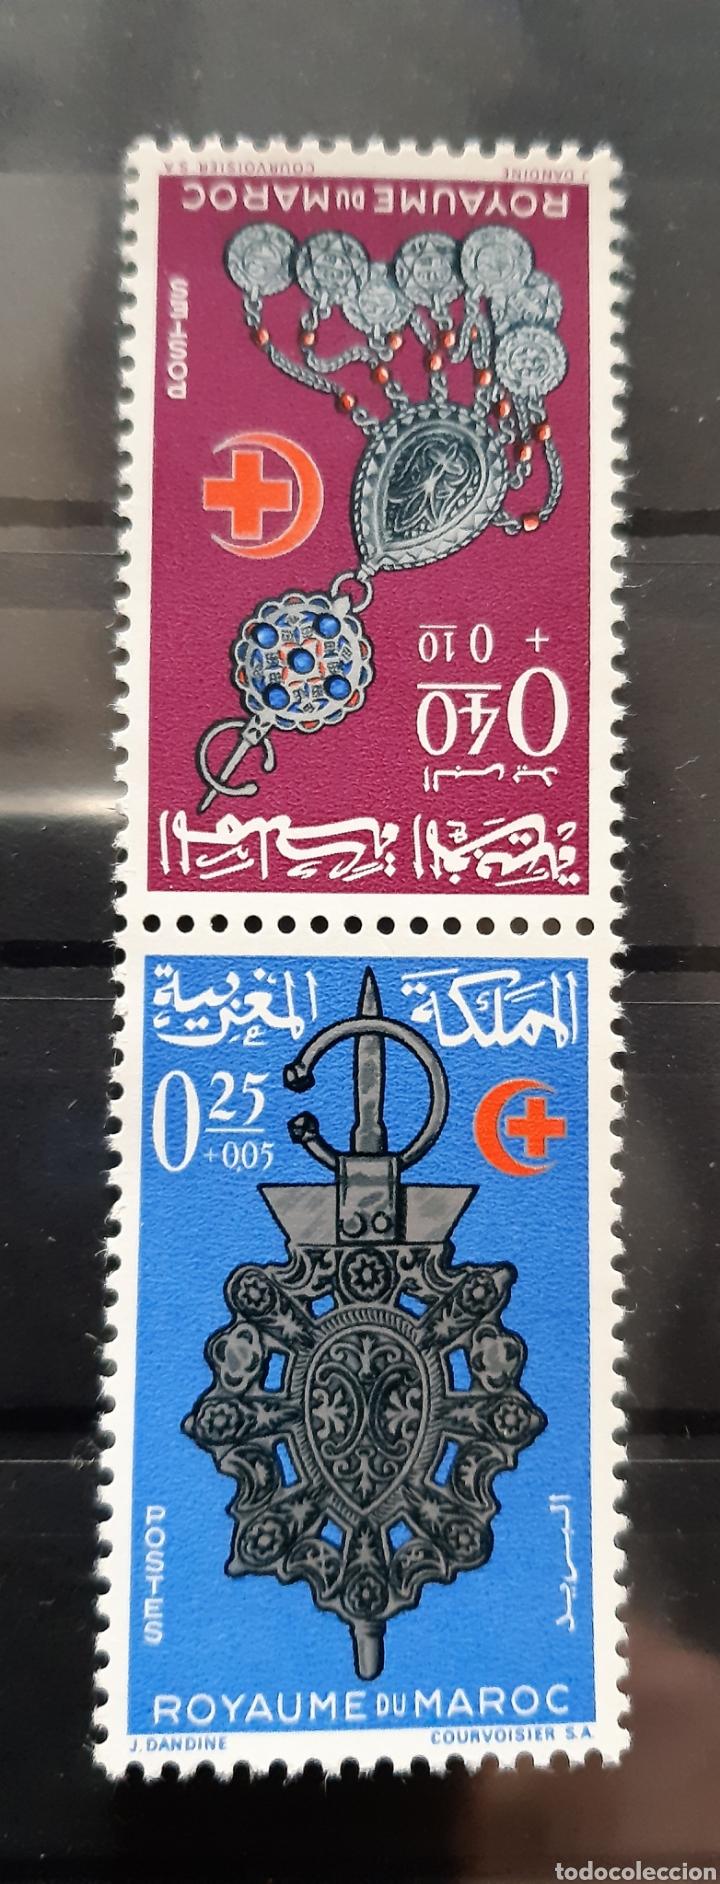 MARRUECOS, 1966, YVERT 507A**, JOYAS (Sellos - Extranjero - África - Marruecos)